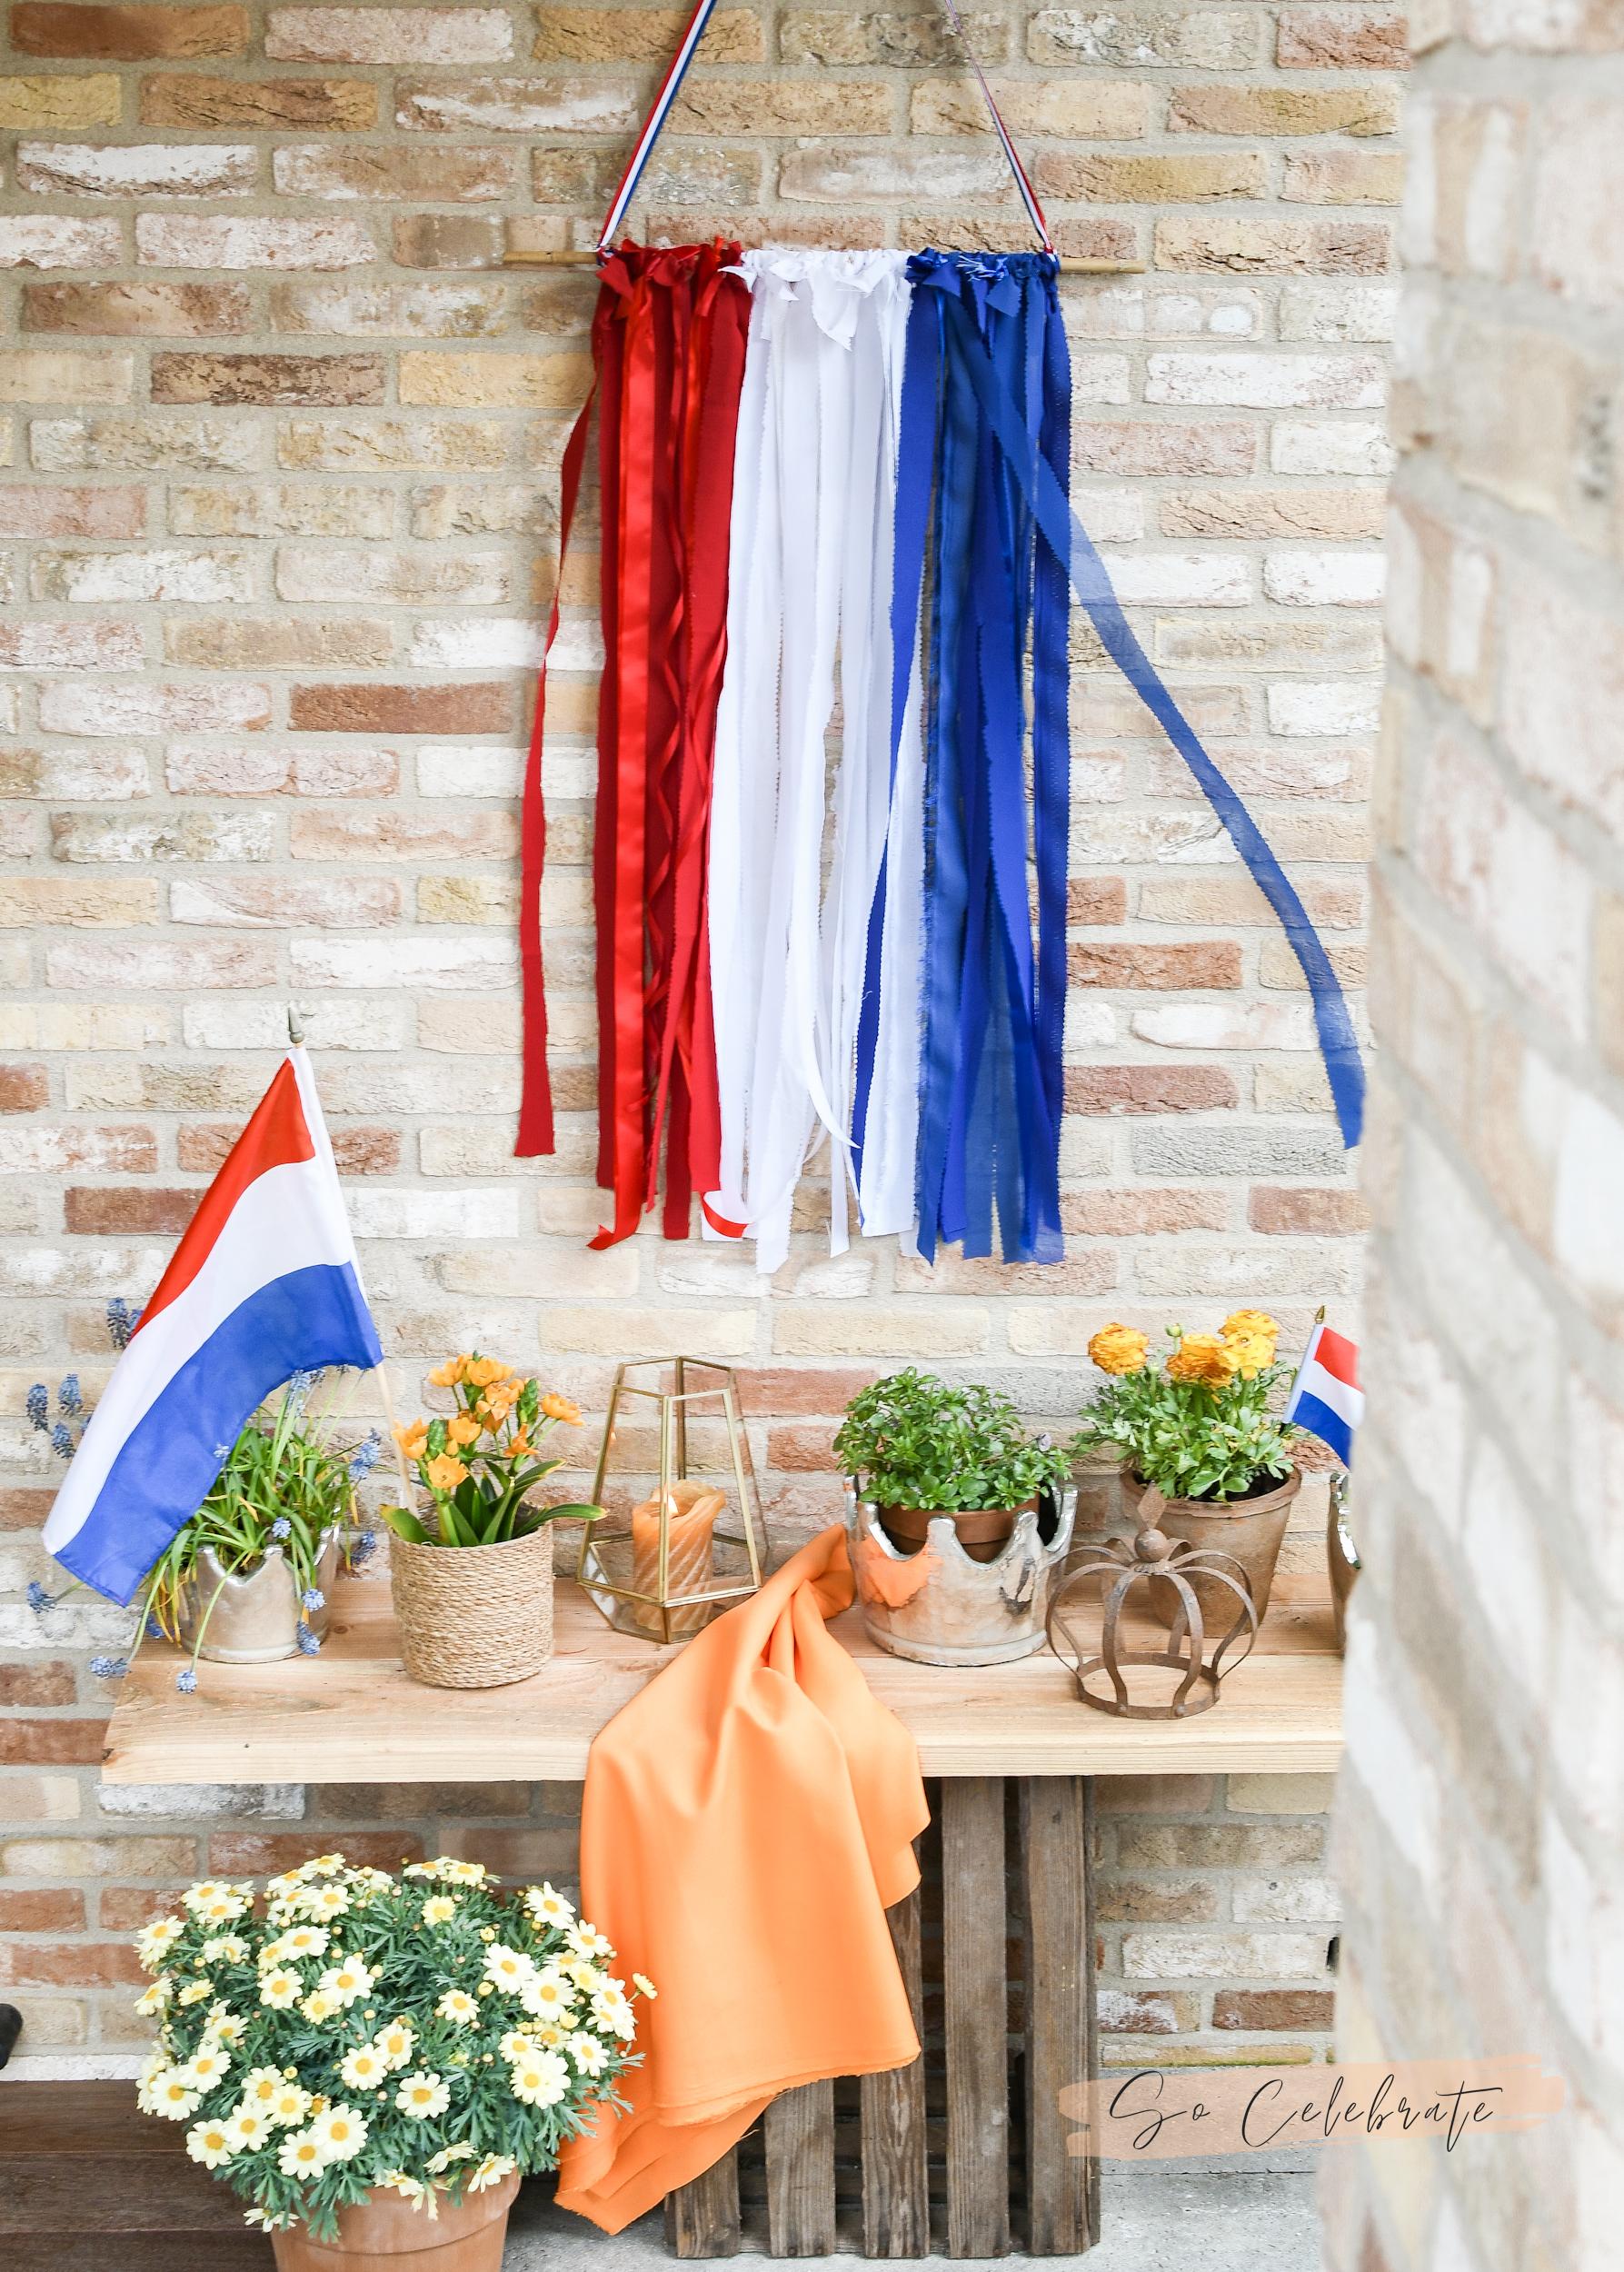 Vlag van restjes stof en lint maken - koningsdag decoratie knutselen